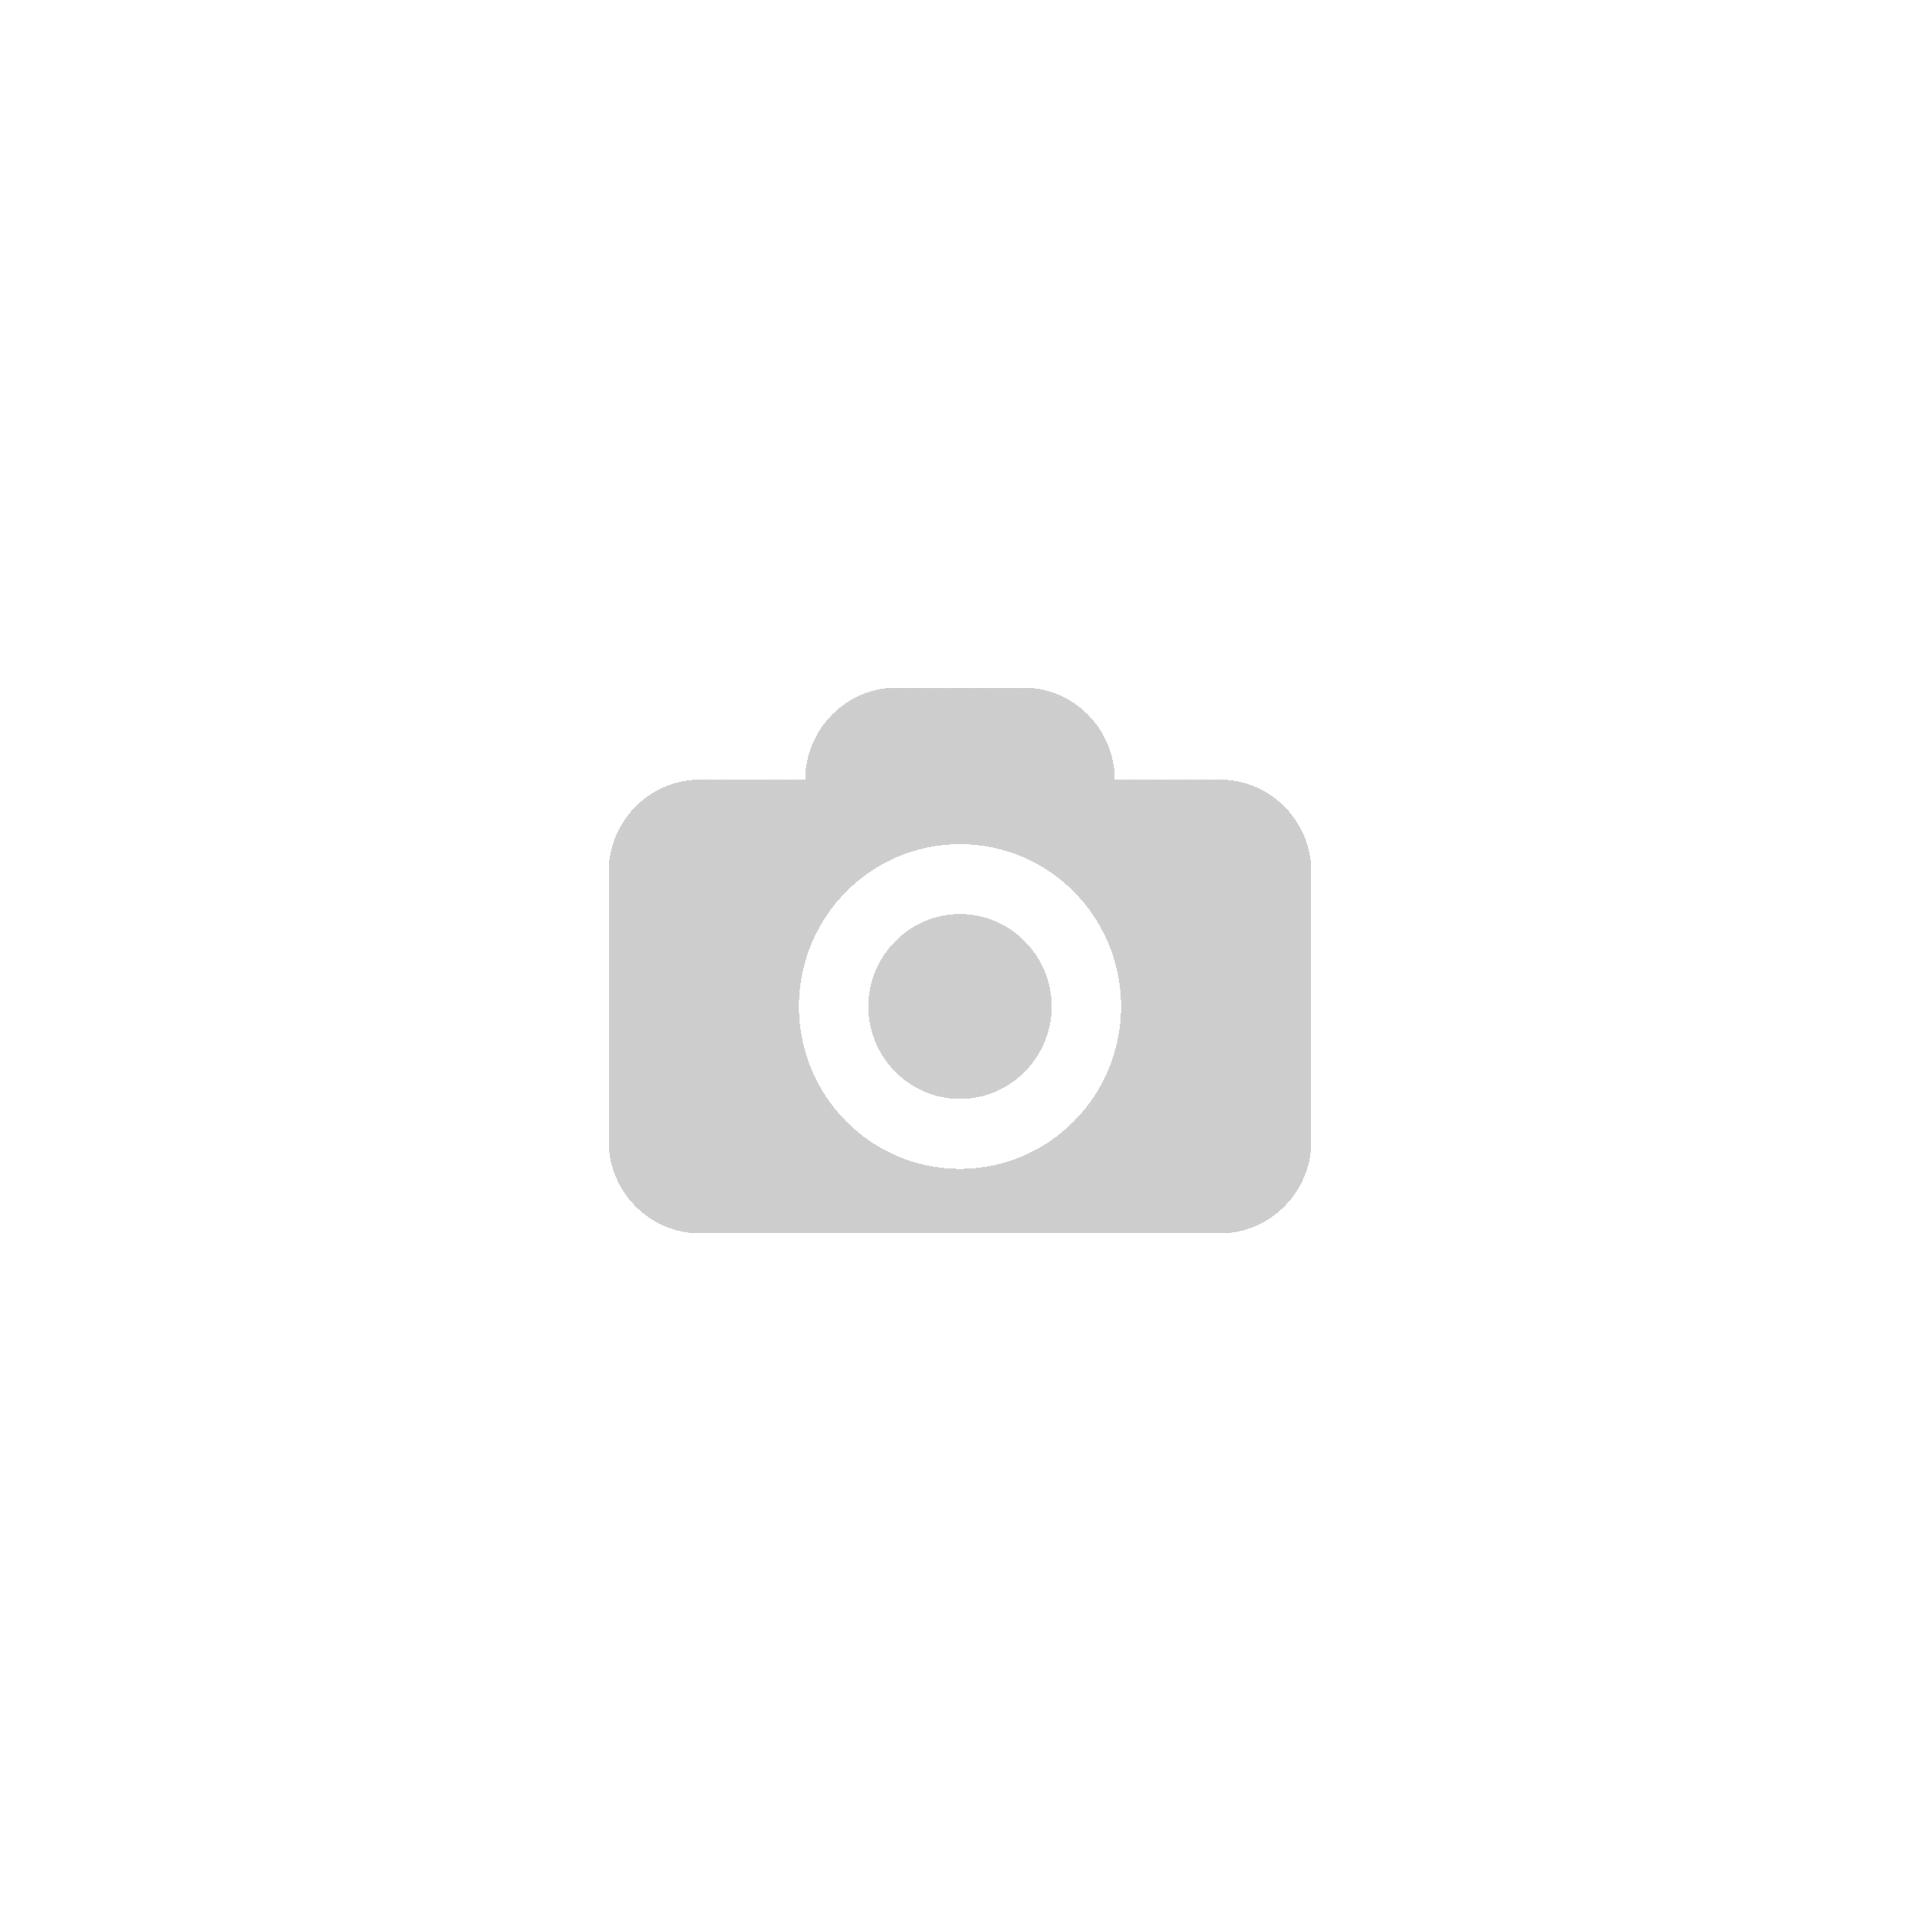 d82199952c S590 - Extreme Parka kabát, sárga   MZ-Tech Kft.